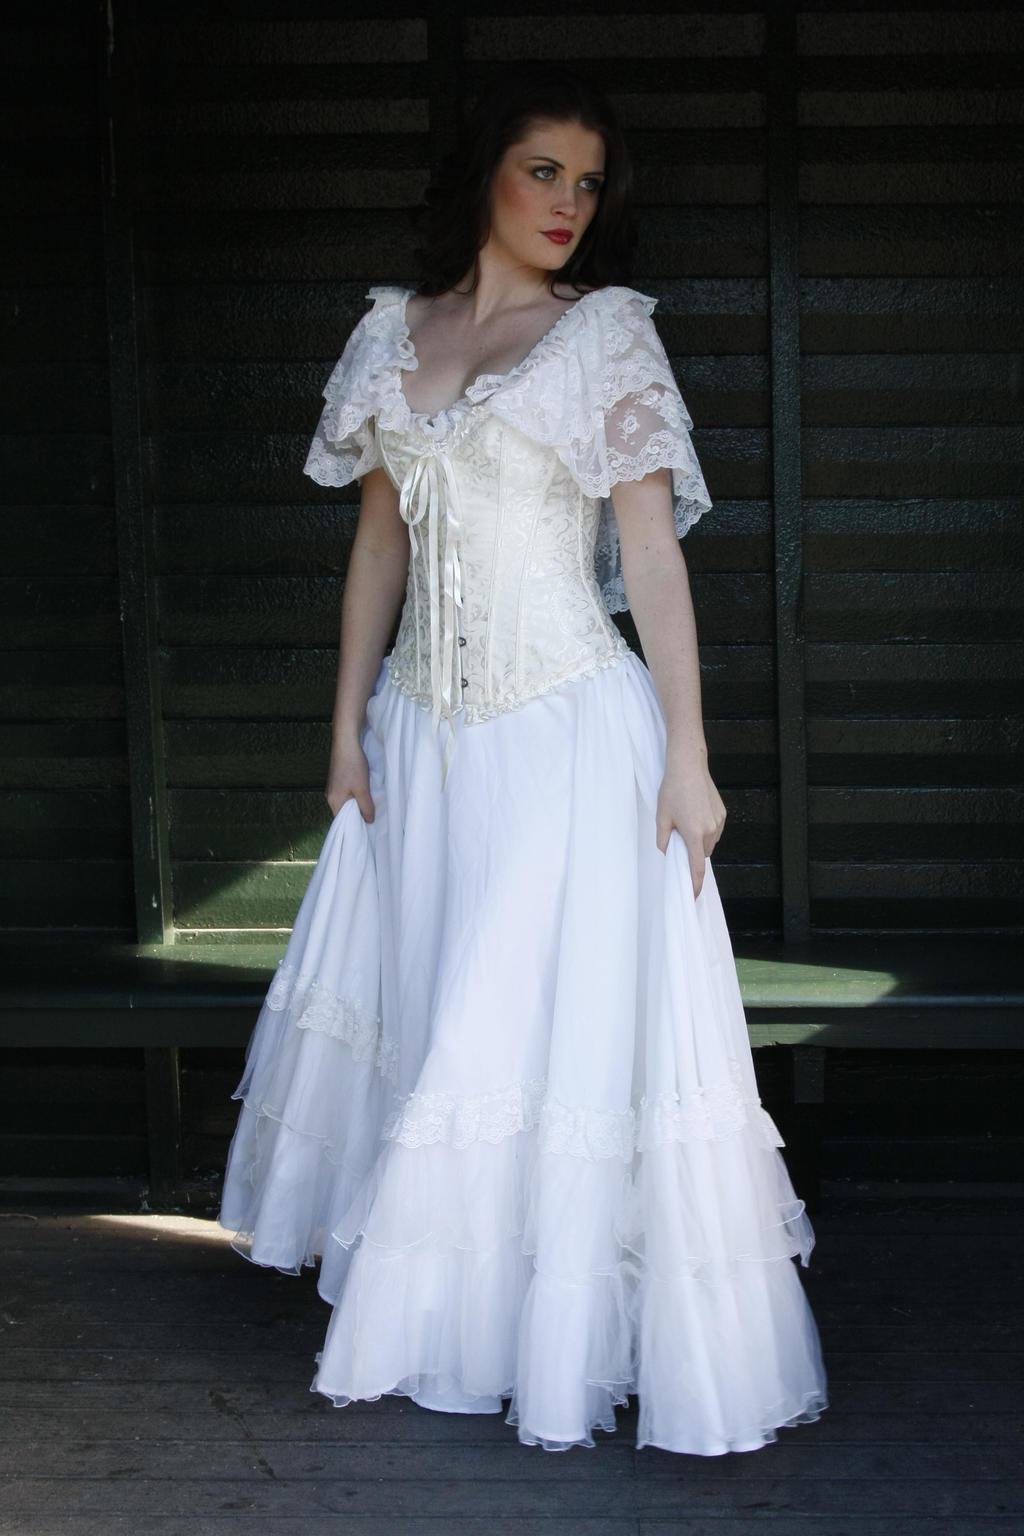 Danielle white dress 5 by CathleenTarawhiti